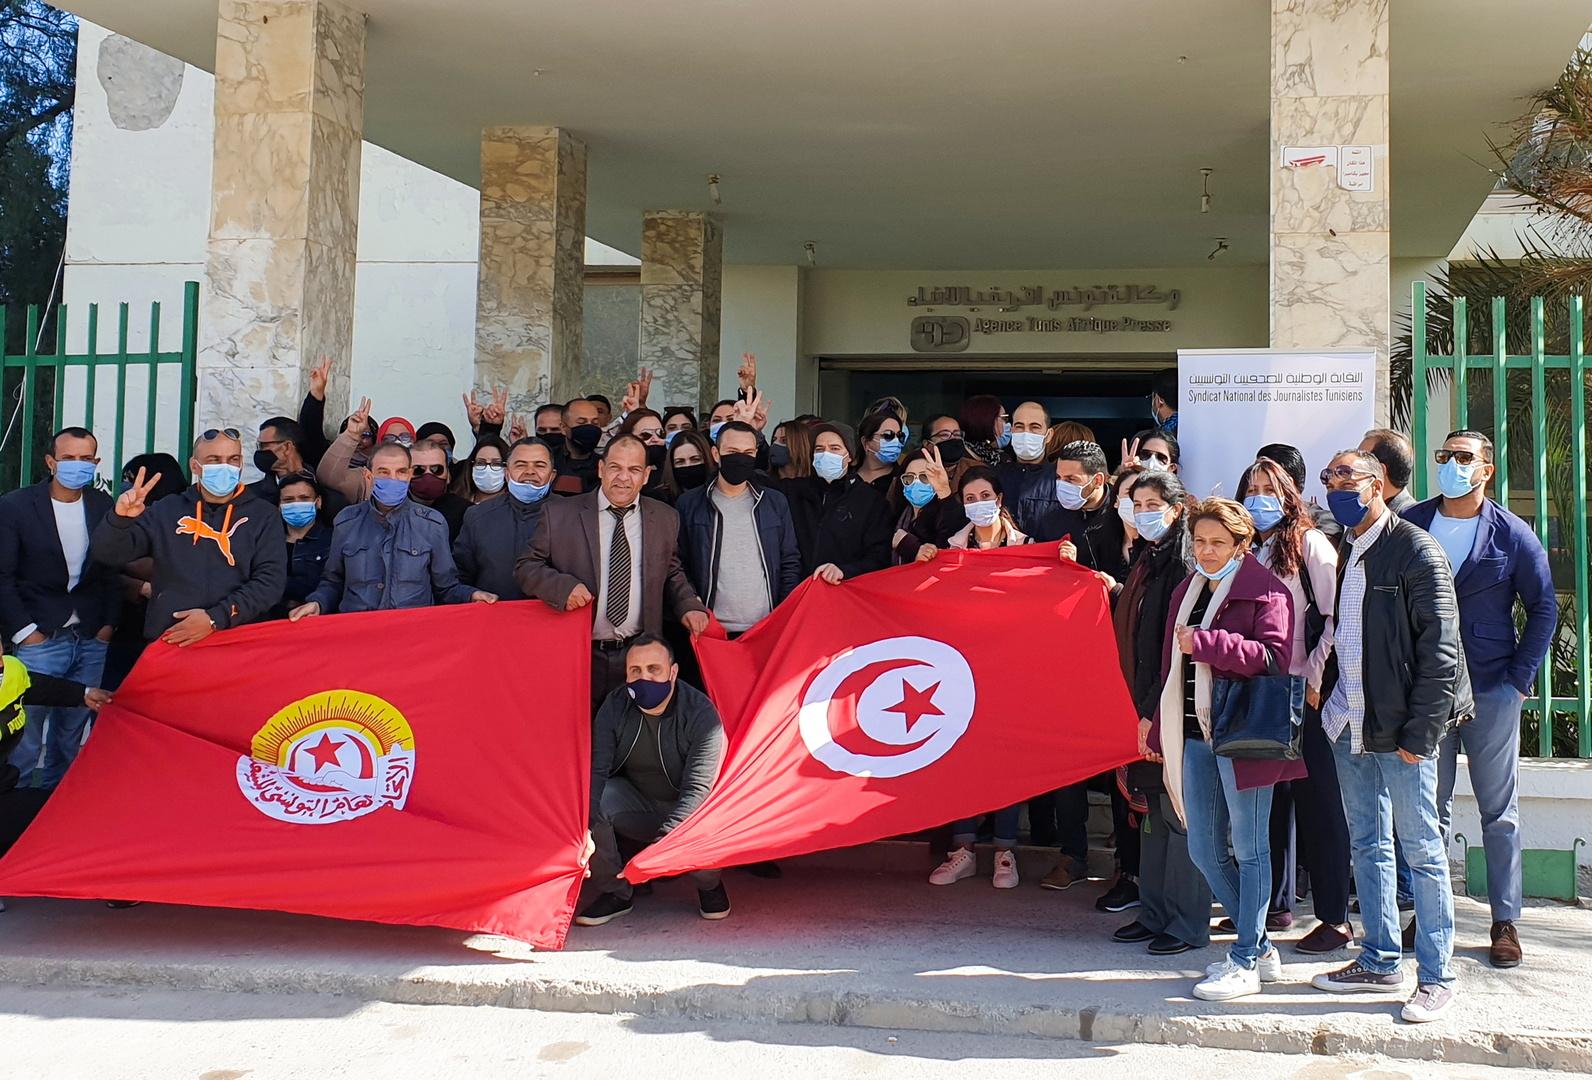 صحفيو وكالة الأنباء الرسمية في تونس يحذرون من المساس باستقلاليتها